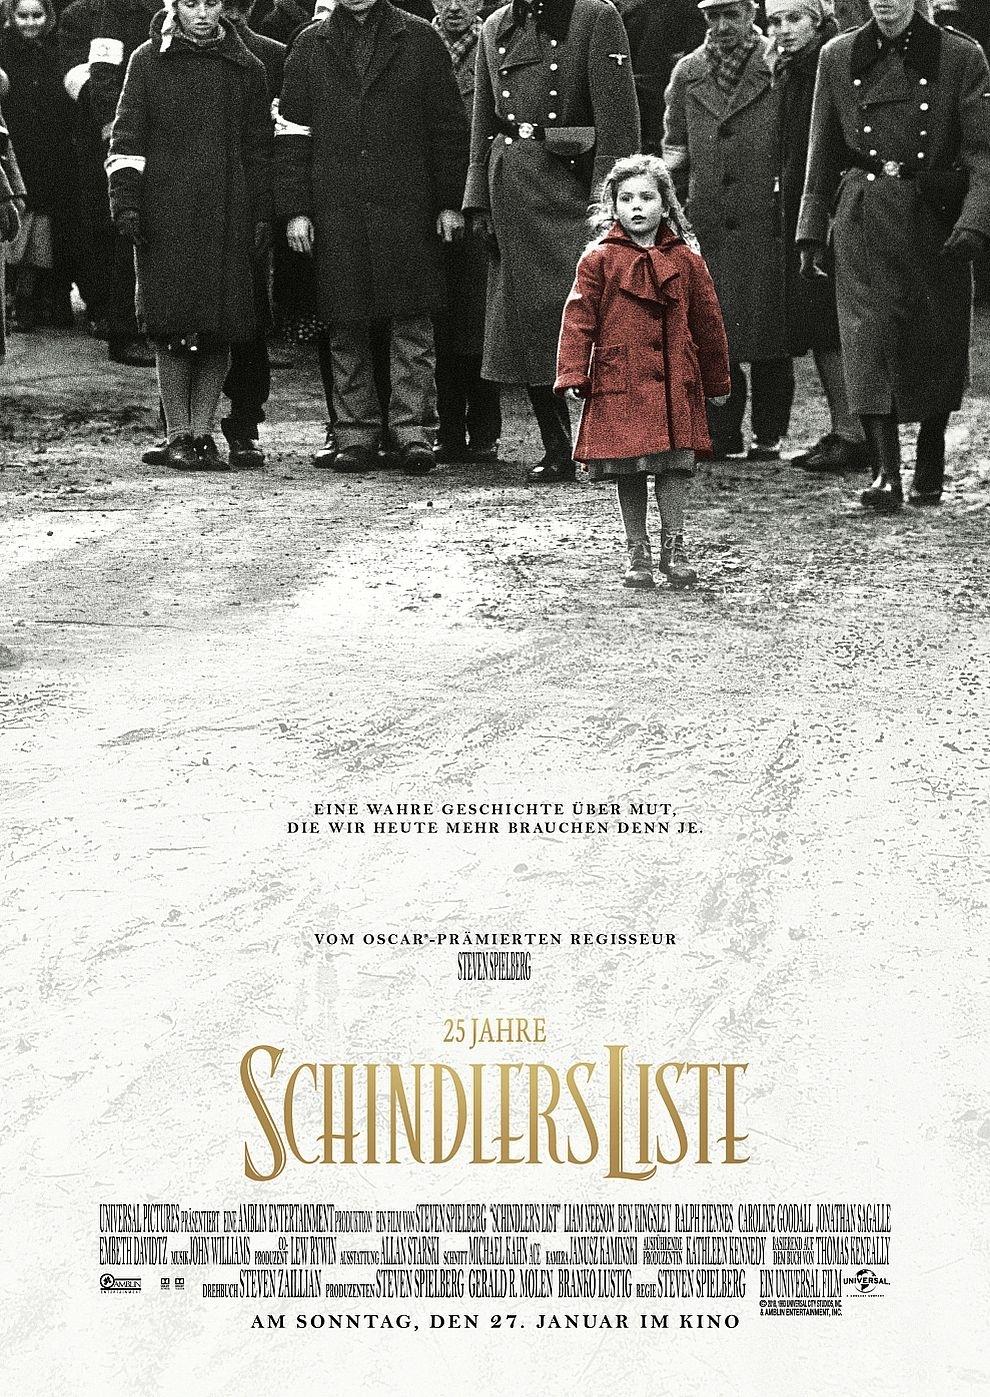 25 Jahre: Schindlers Liste (Holocaust Gedenktag) (Poster)